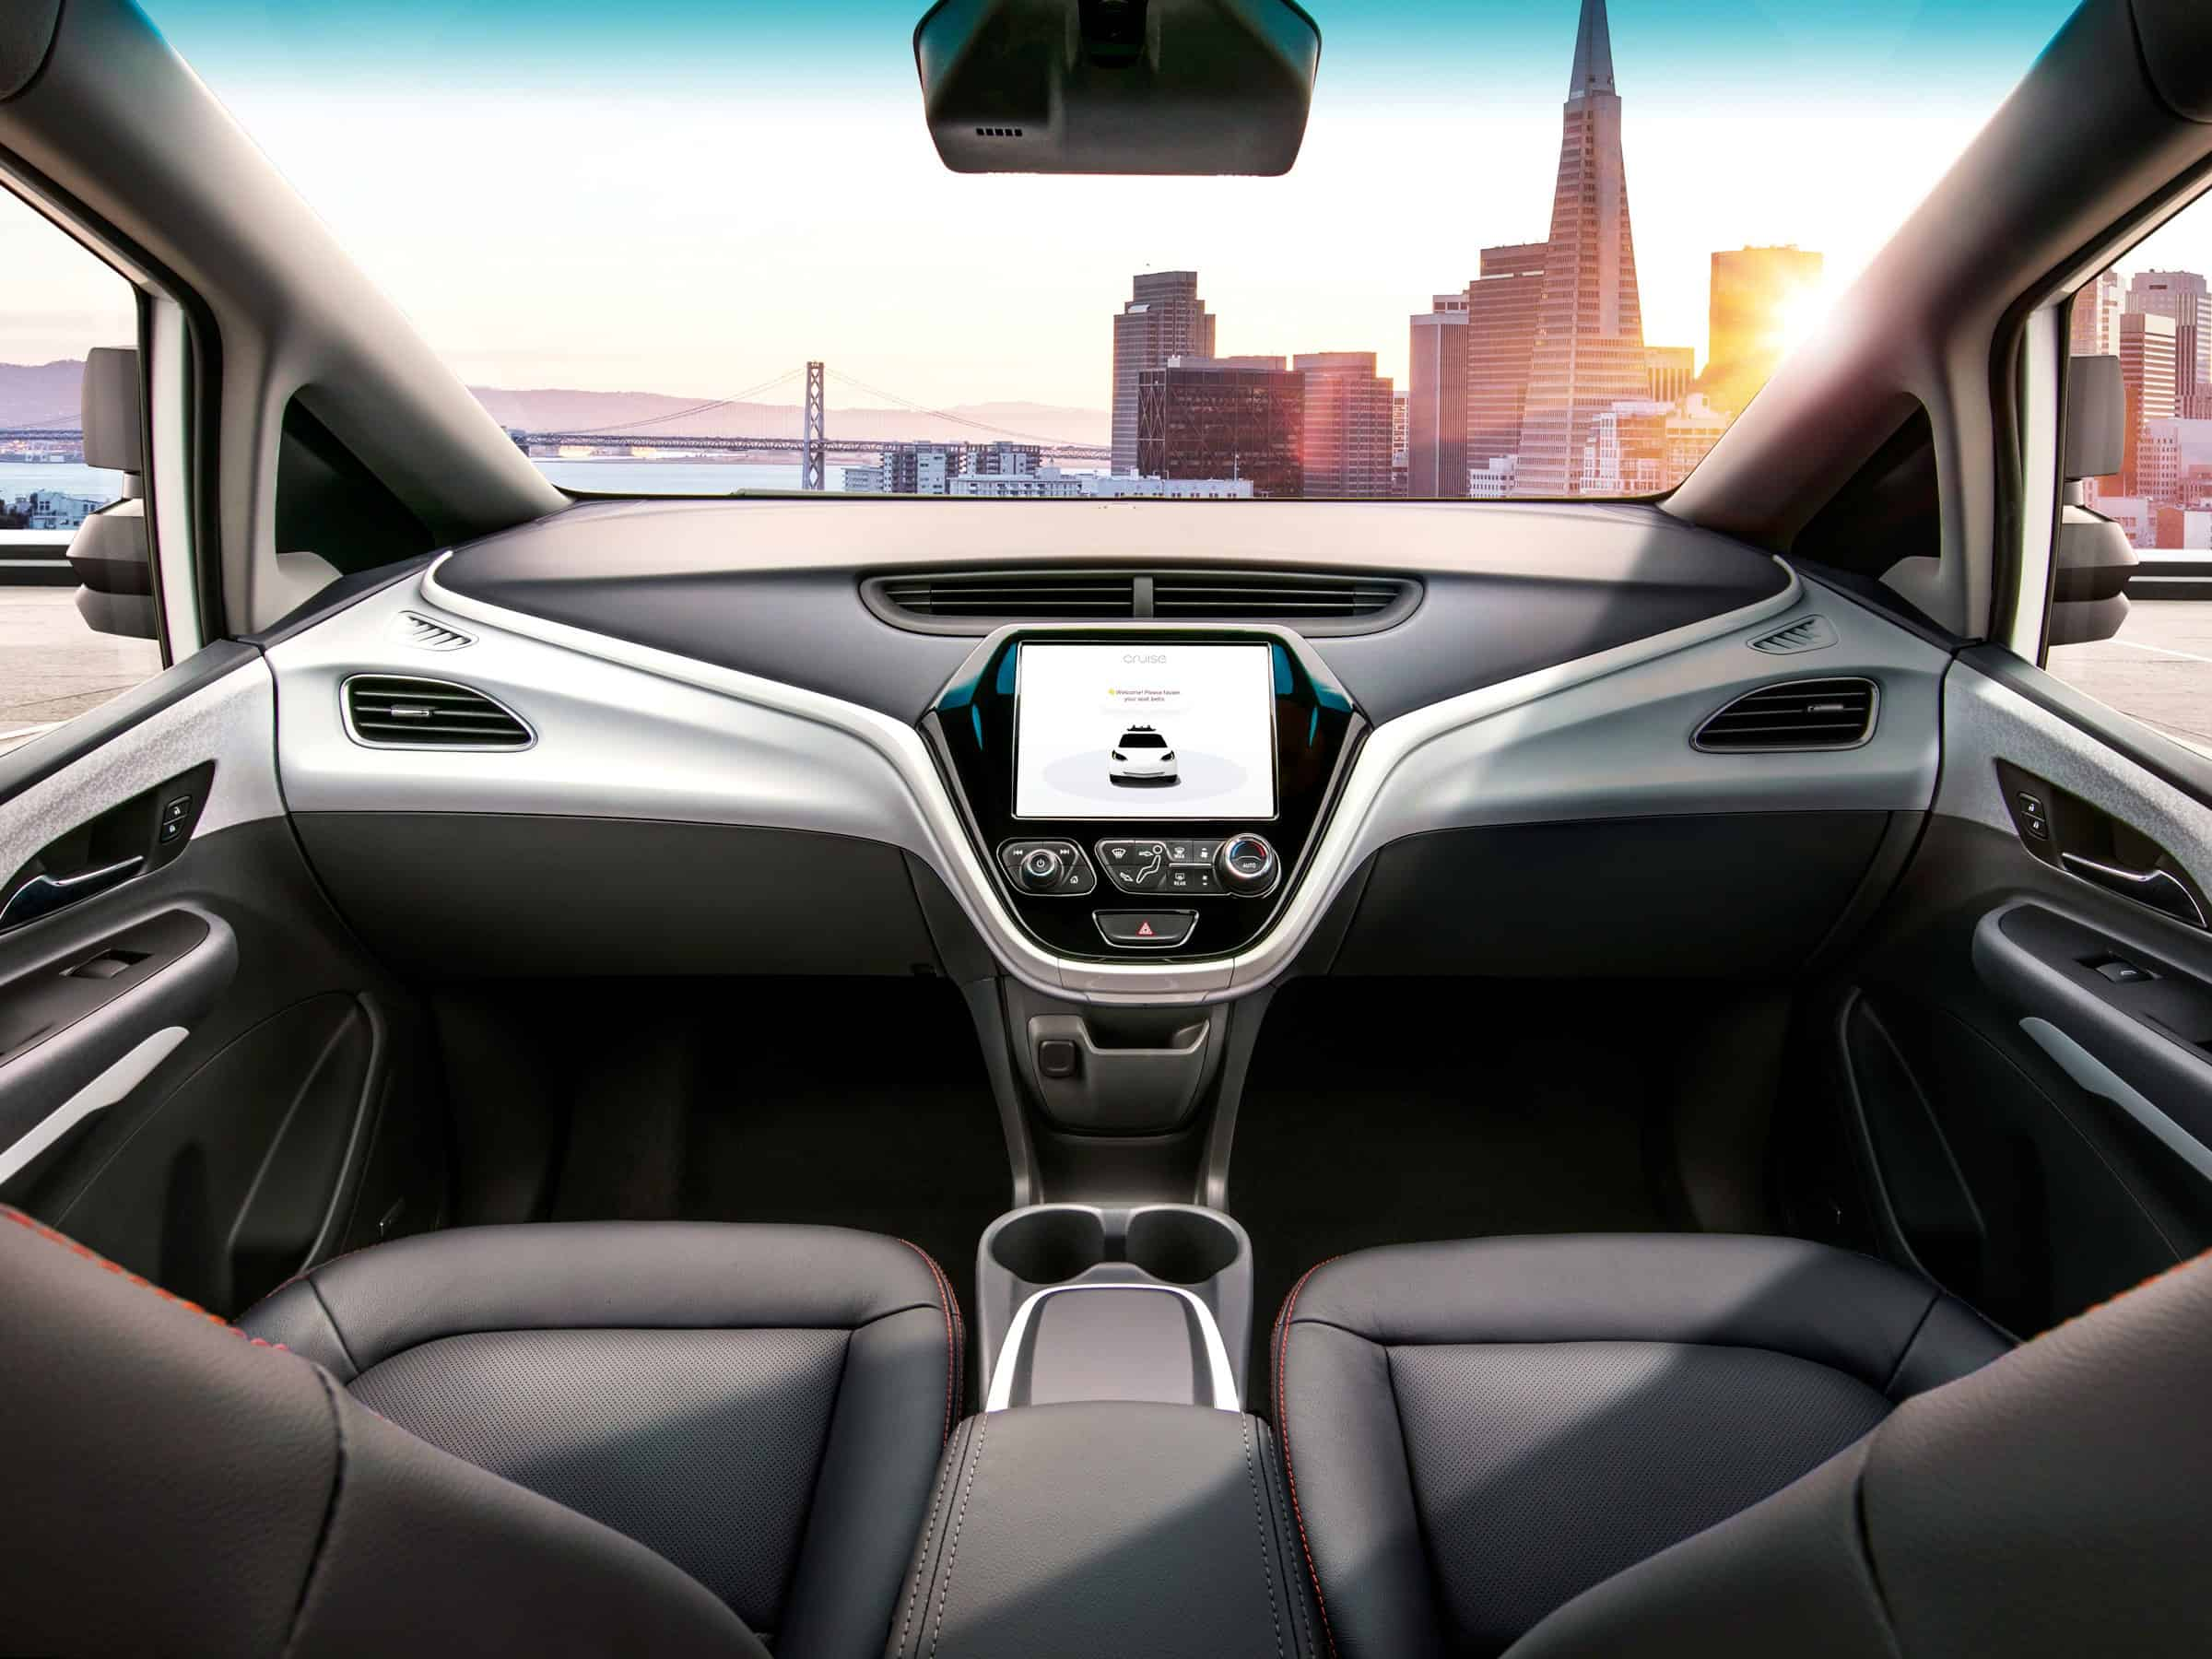 Mikor lesznek önvezető autók? Érdemes várni? Mikor cseréljem le a mostani autómat még egy hagyományosra?